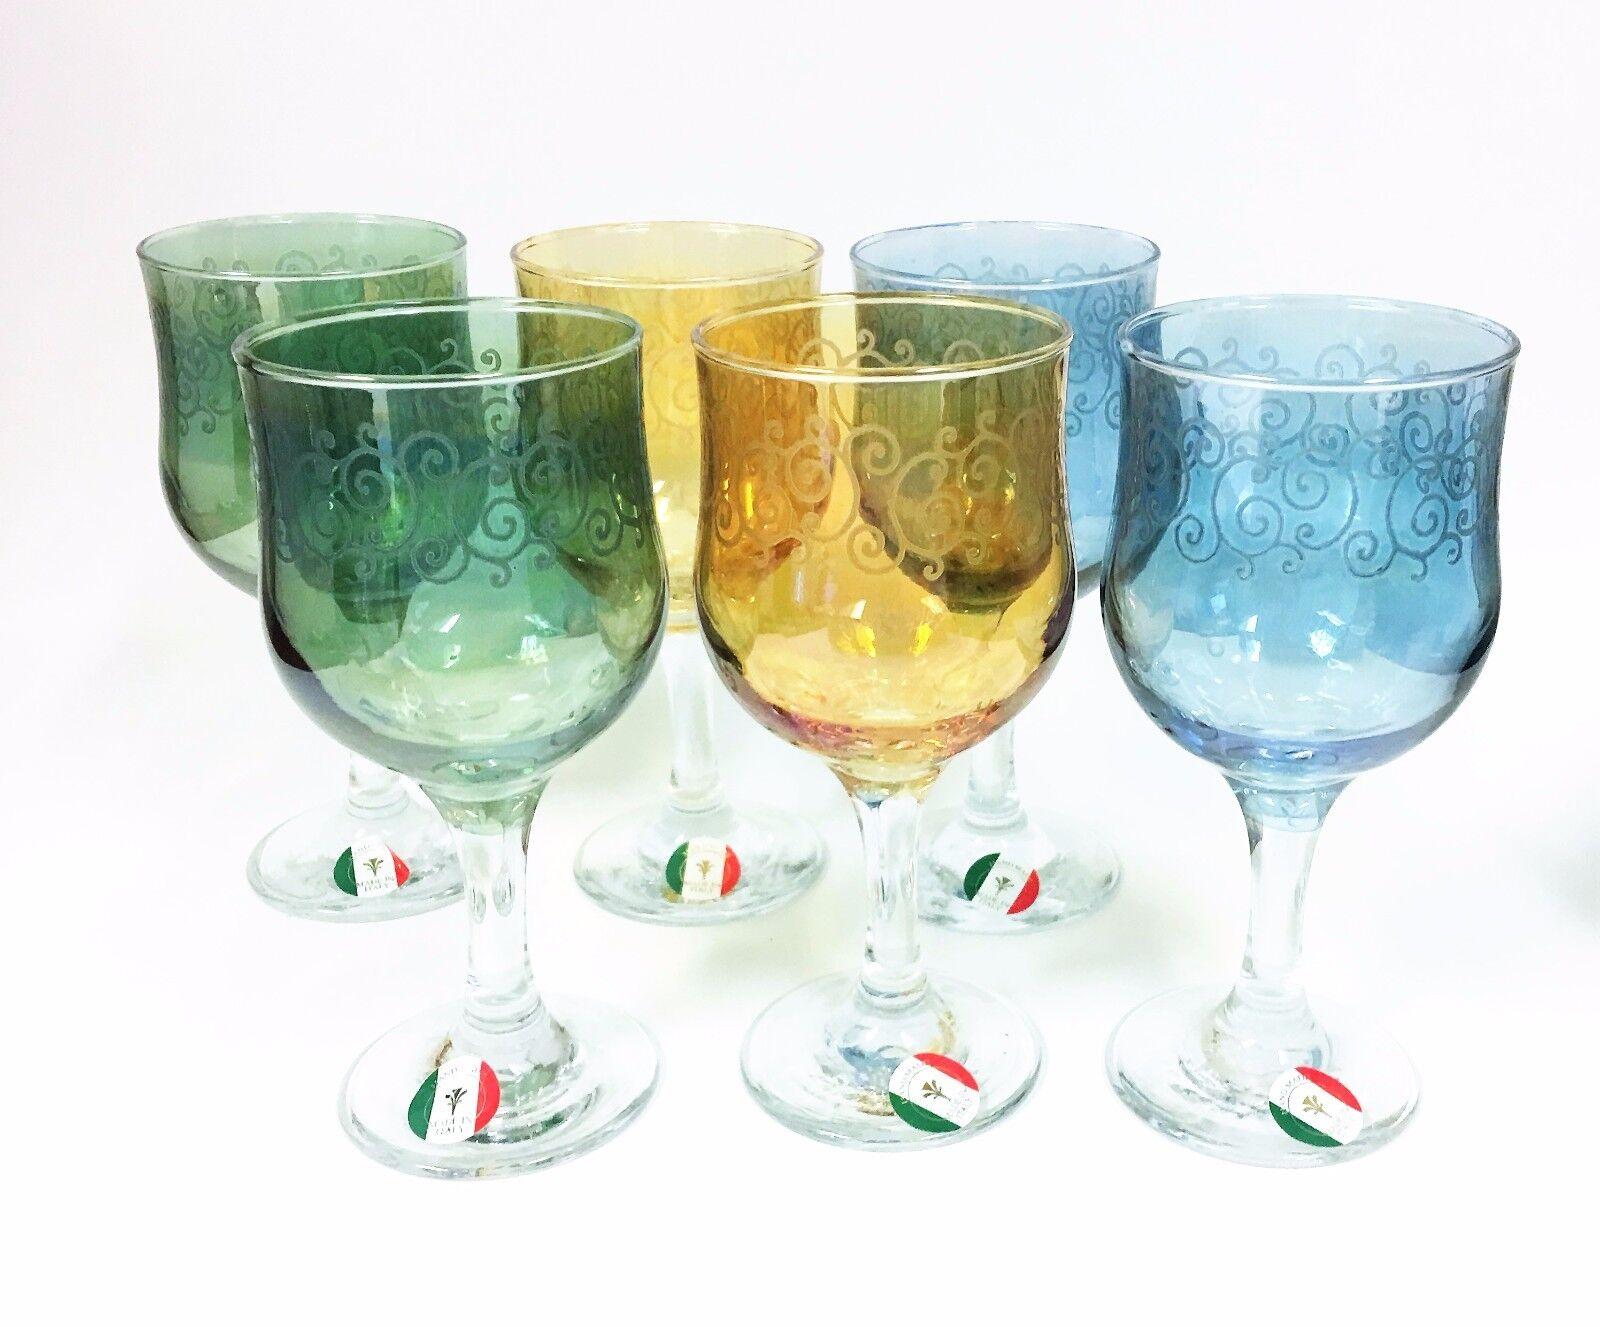 Nouvel Set de 6 Tout Usage Ambre + Vert + Verre Bleu Vin, Gobelet Italie